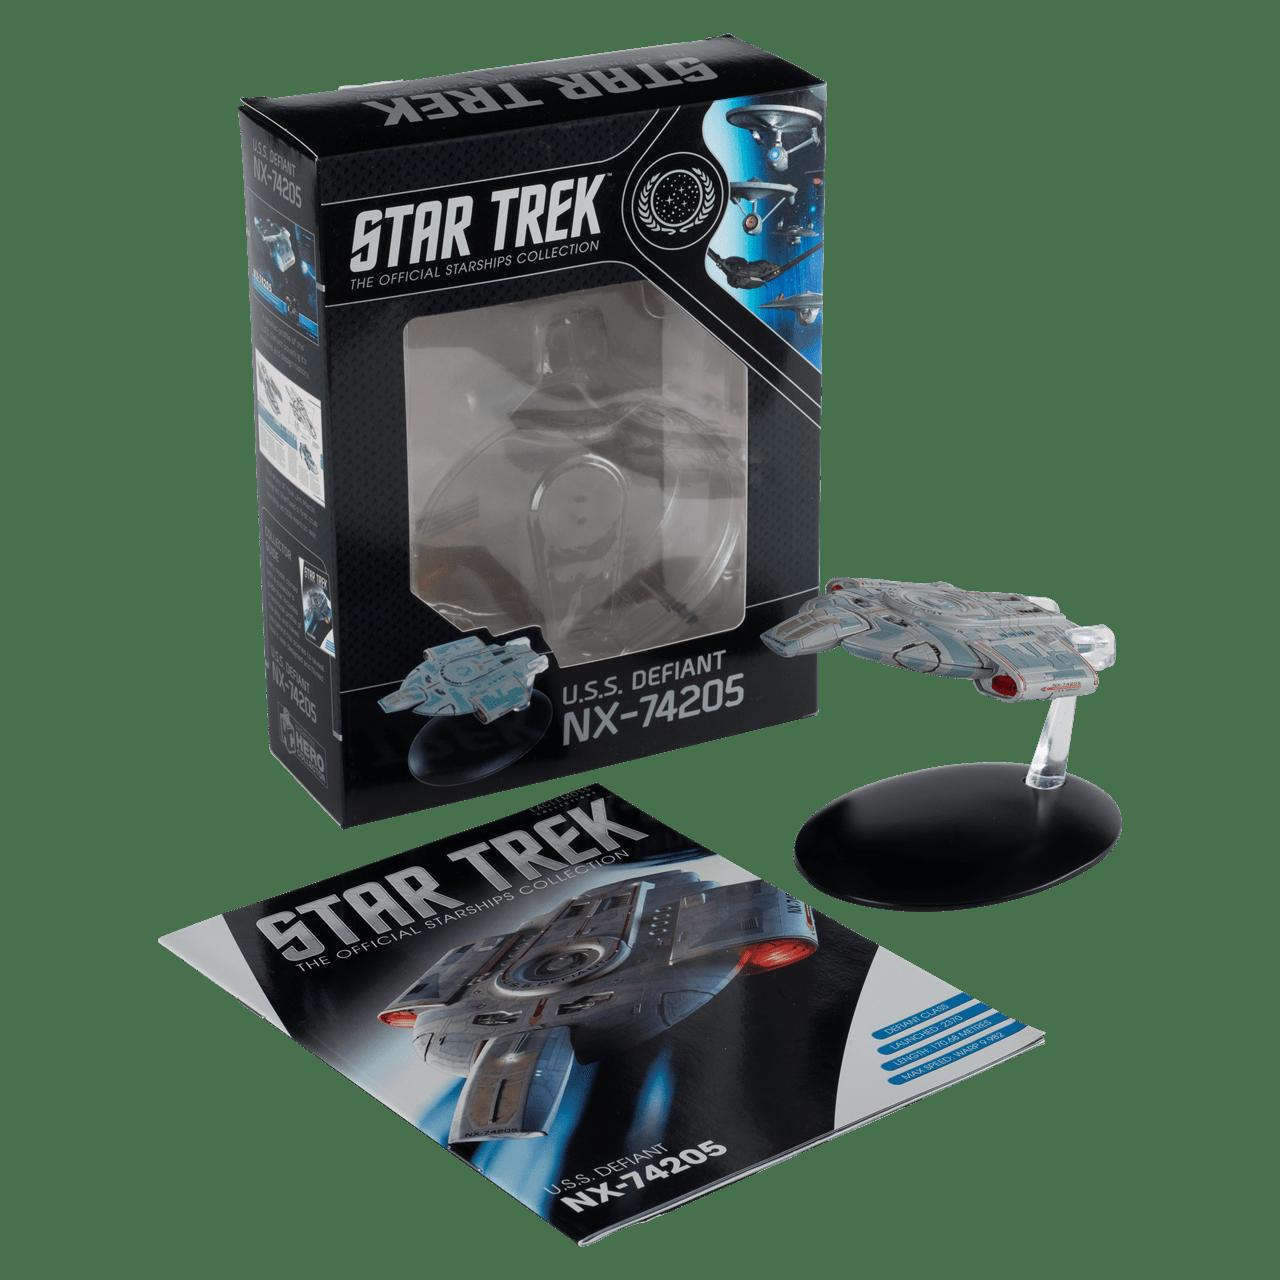 Star Trek USS Defiant NX-74205: Deep Space Nine TV Series: Hero Collector - 1